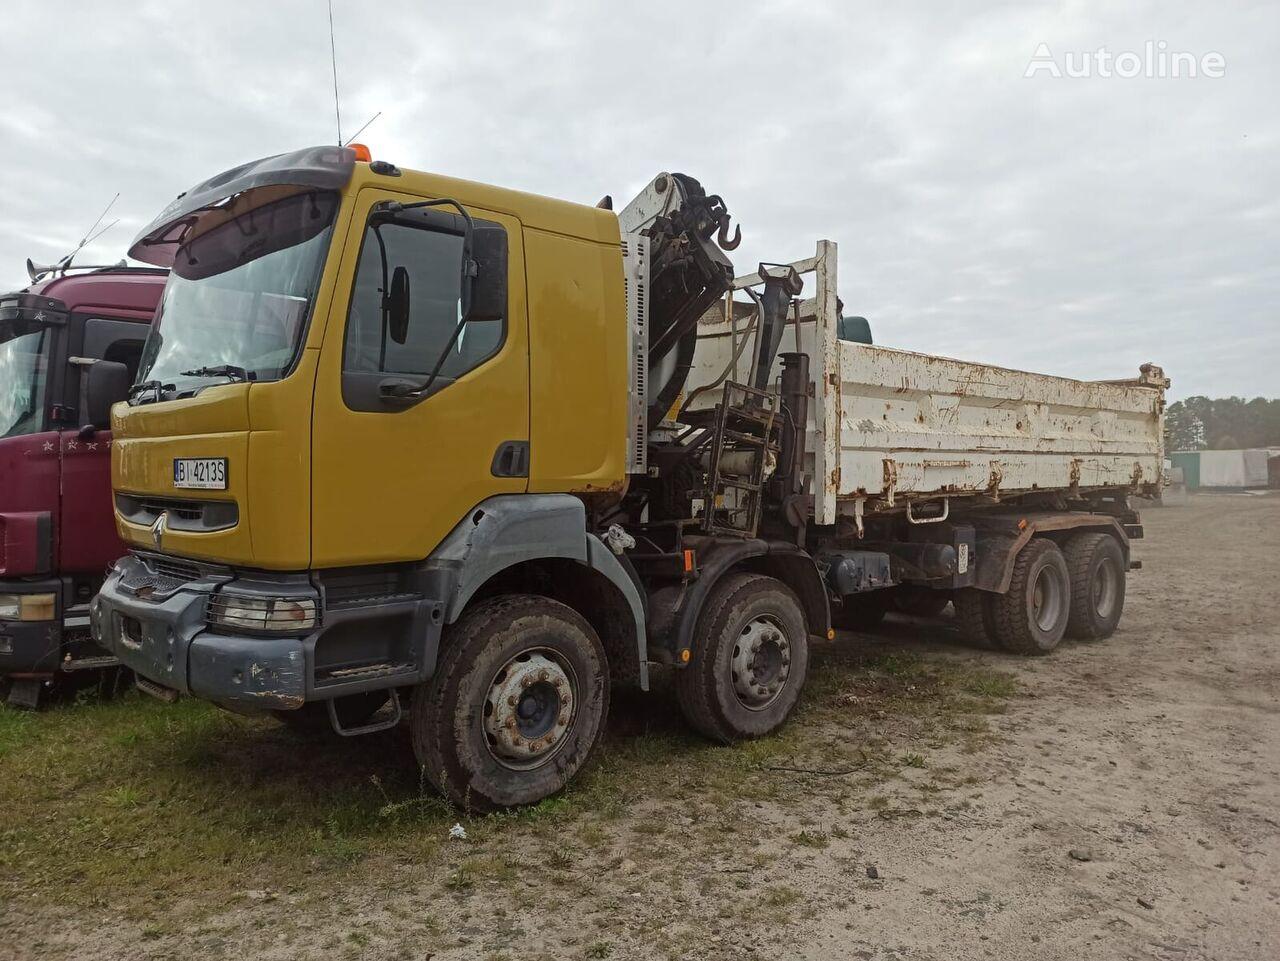 RENAULT KERAX 8x4 HYDROBURTA HDS PALFINGER, 280000 KM volquete